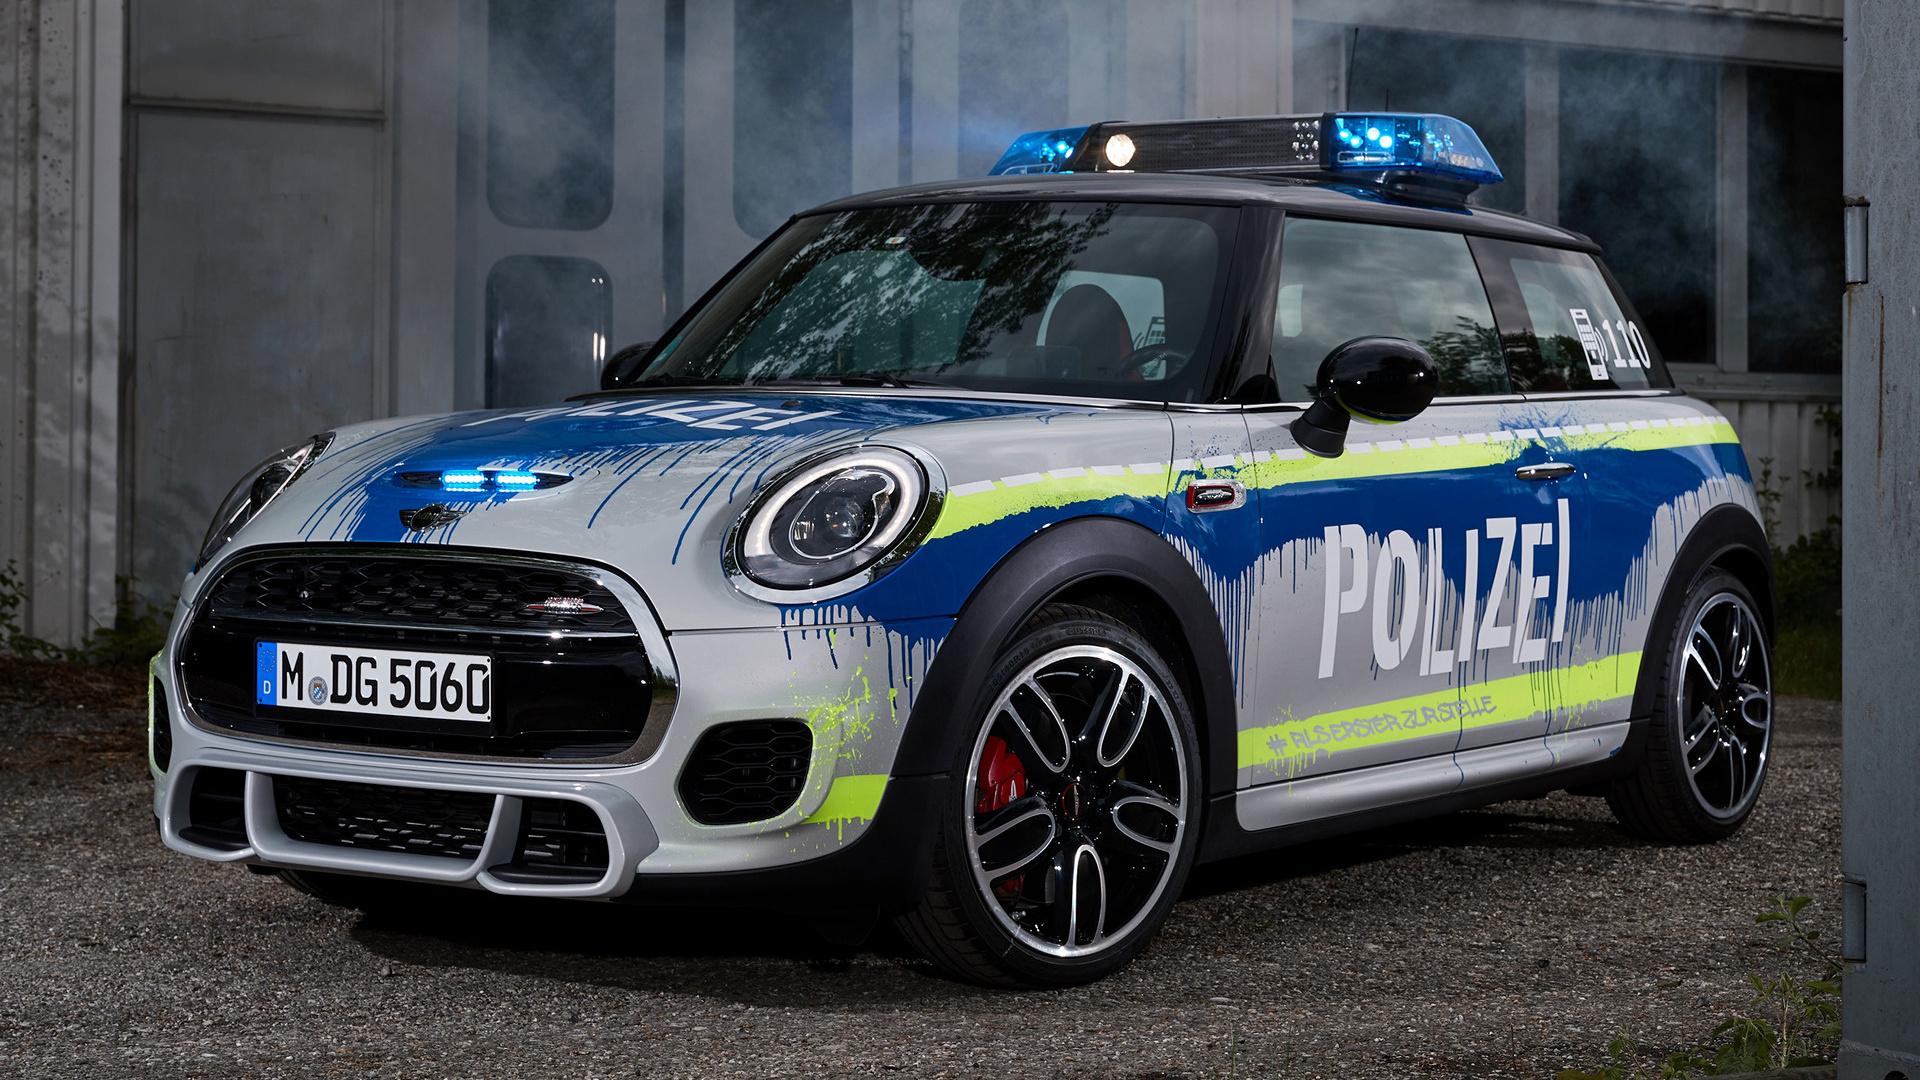 2018 Mini John Cooper Works Polizei 3 Door Wallpapers And Hd